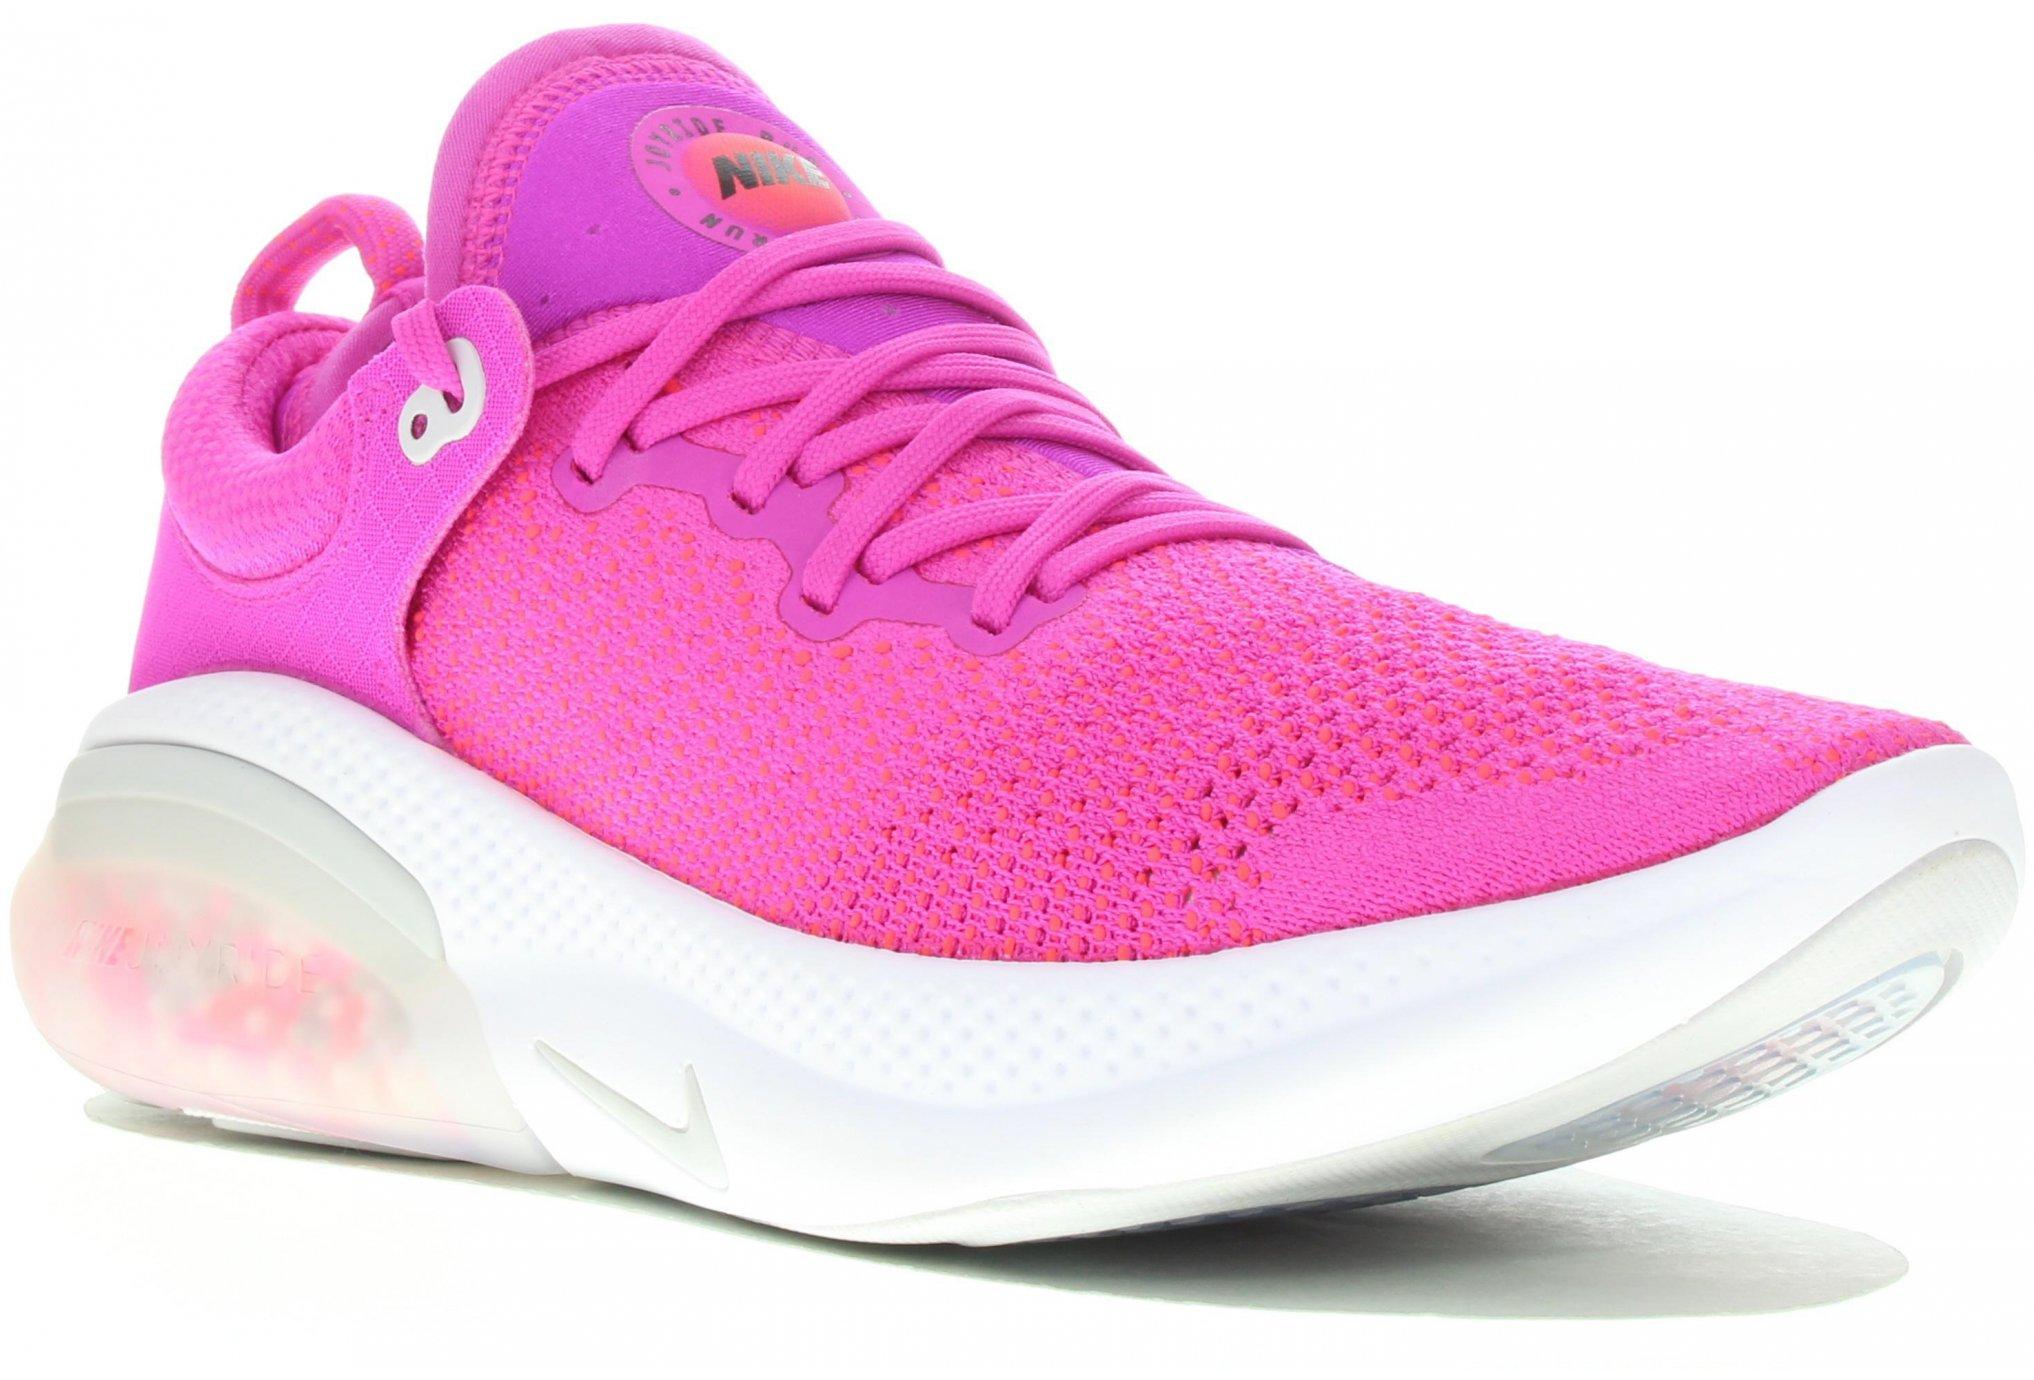 Nike Joyride Run Flyknit W Diététique Chaussures femme